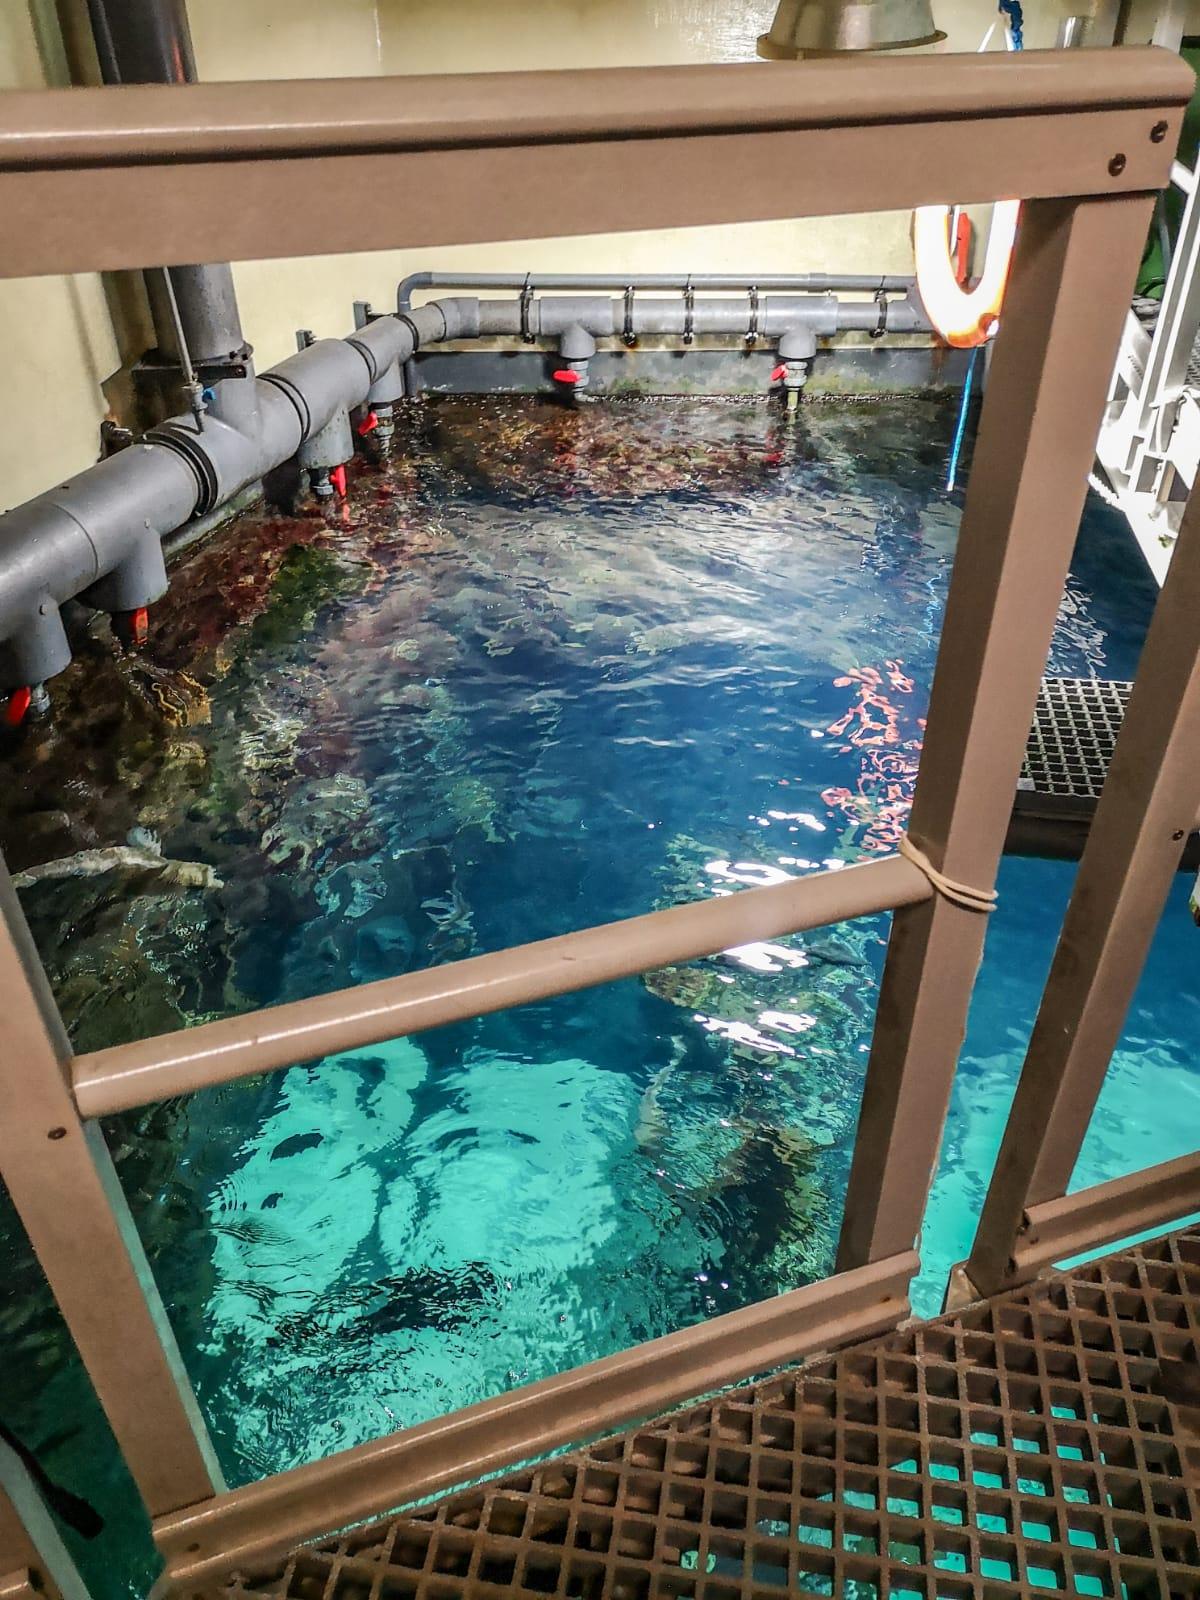 Ein Tag im Naturschutz-Zentrum Multimar Wattforum in Tönning: Auf den Spuren des Schleswig-Holsteinischen Wattenmeers